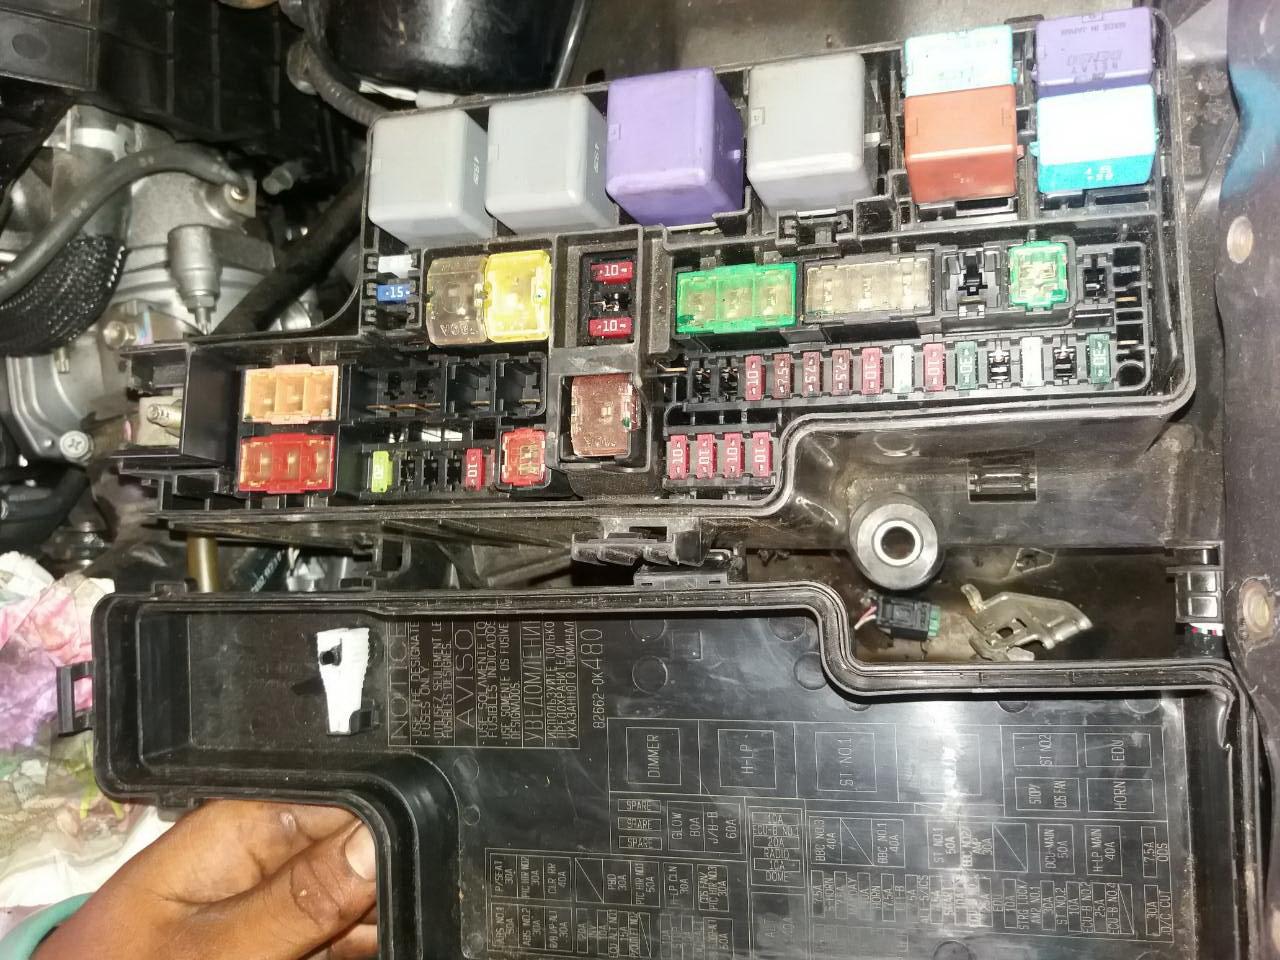 toyota hilux revo wiring engine  u0e01 u0e25 u0e48 u0e2d u0e07 u0e1f u0e34 u0e27 u0e2a u0e4c u0e43 u0e19 u0e2b u0e49 u0e2d u0e07